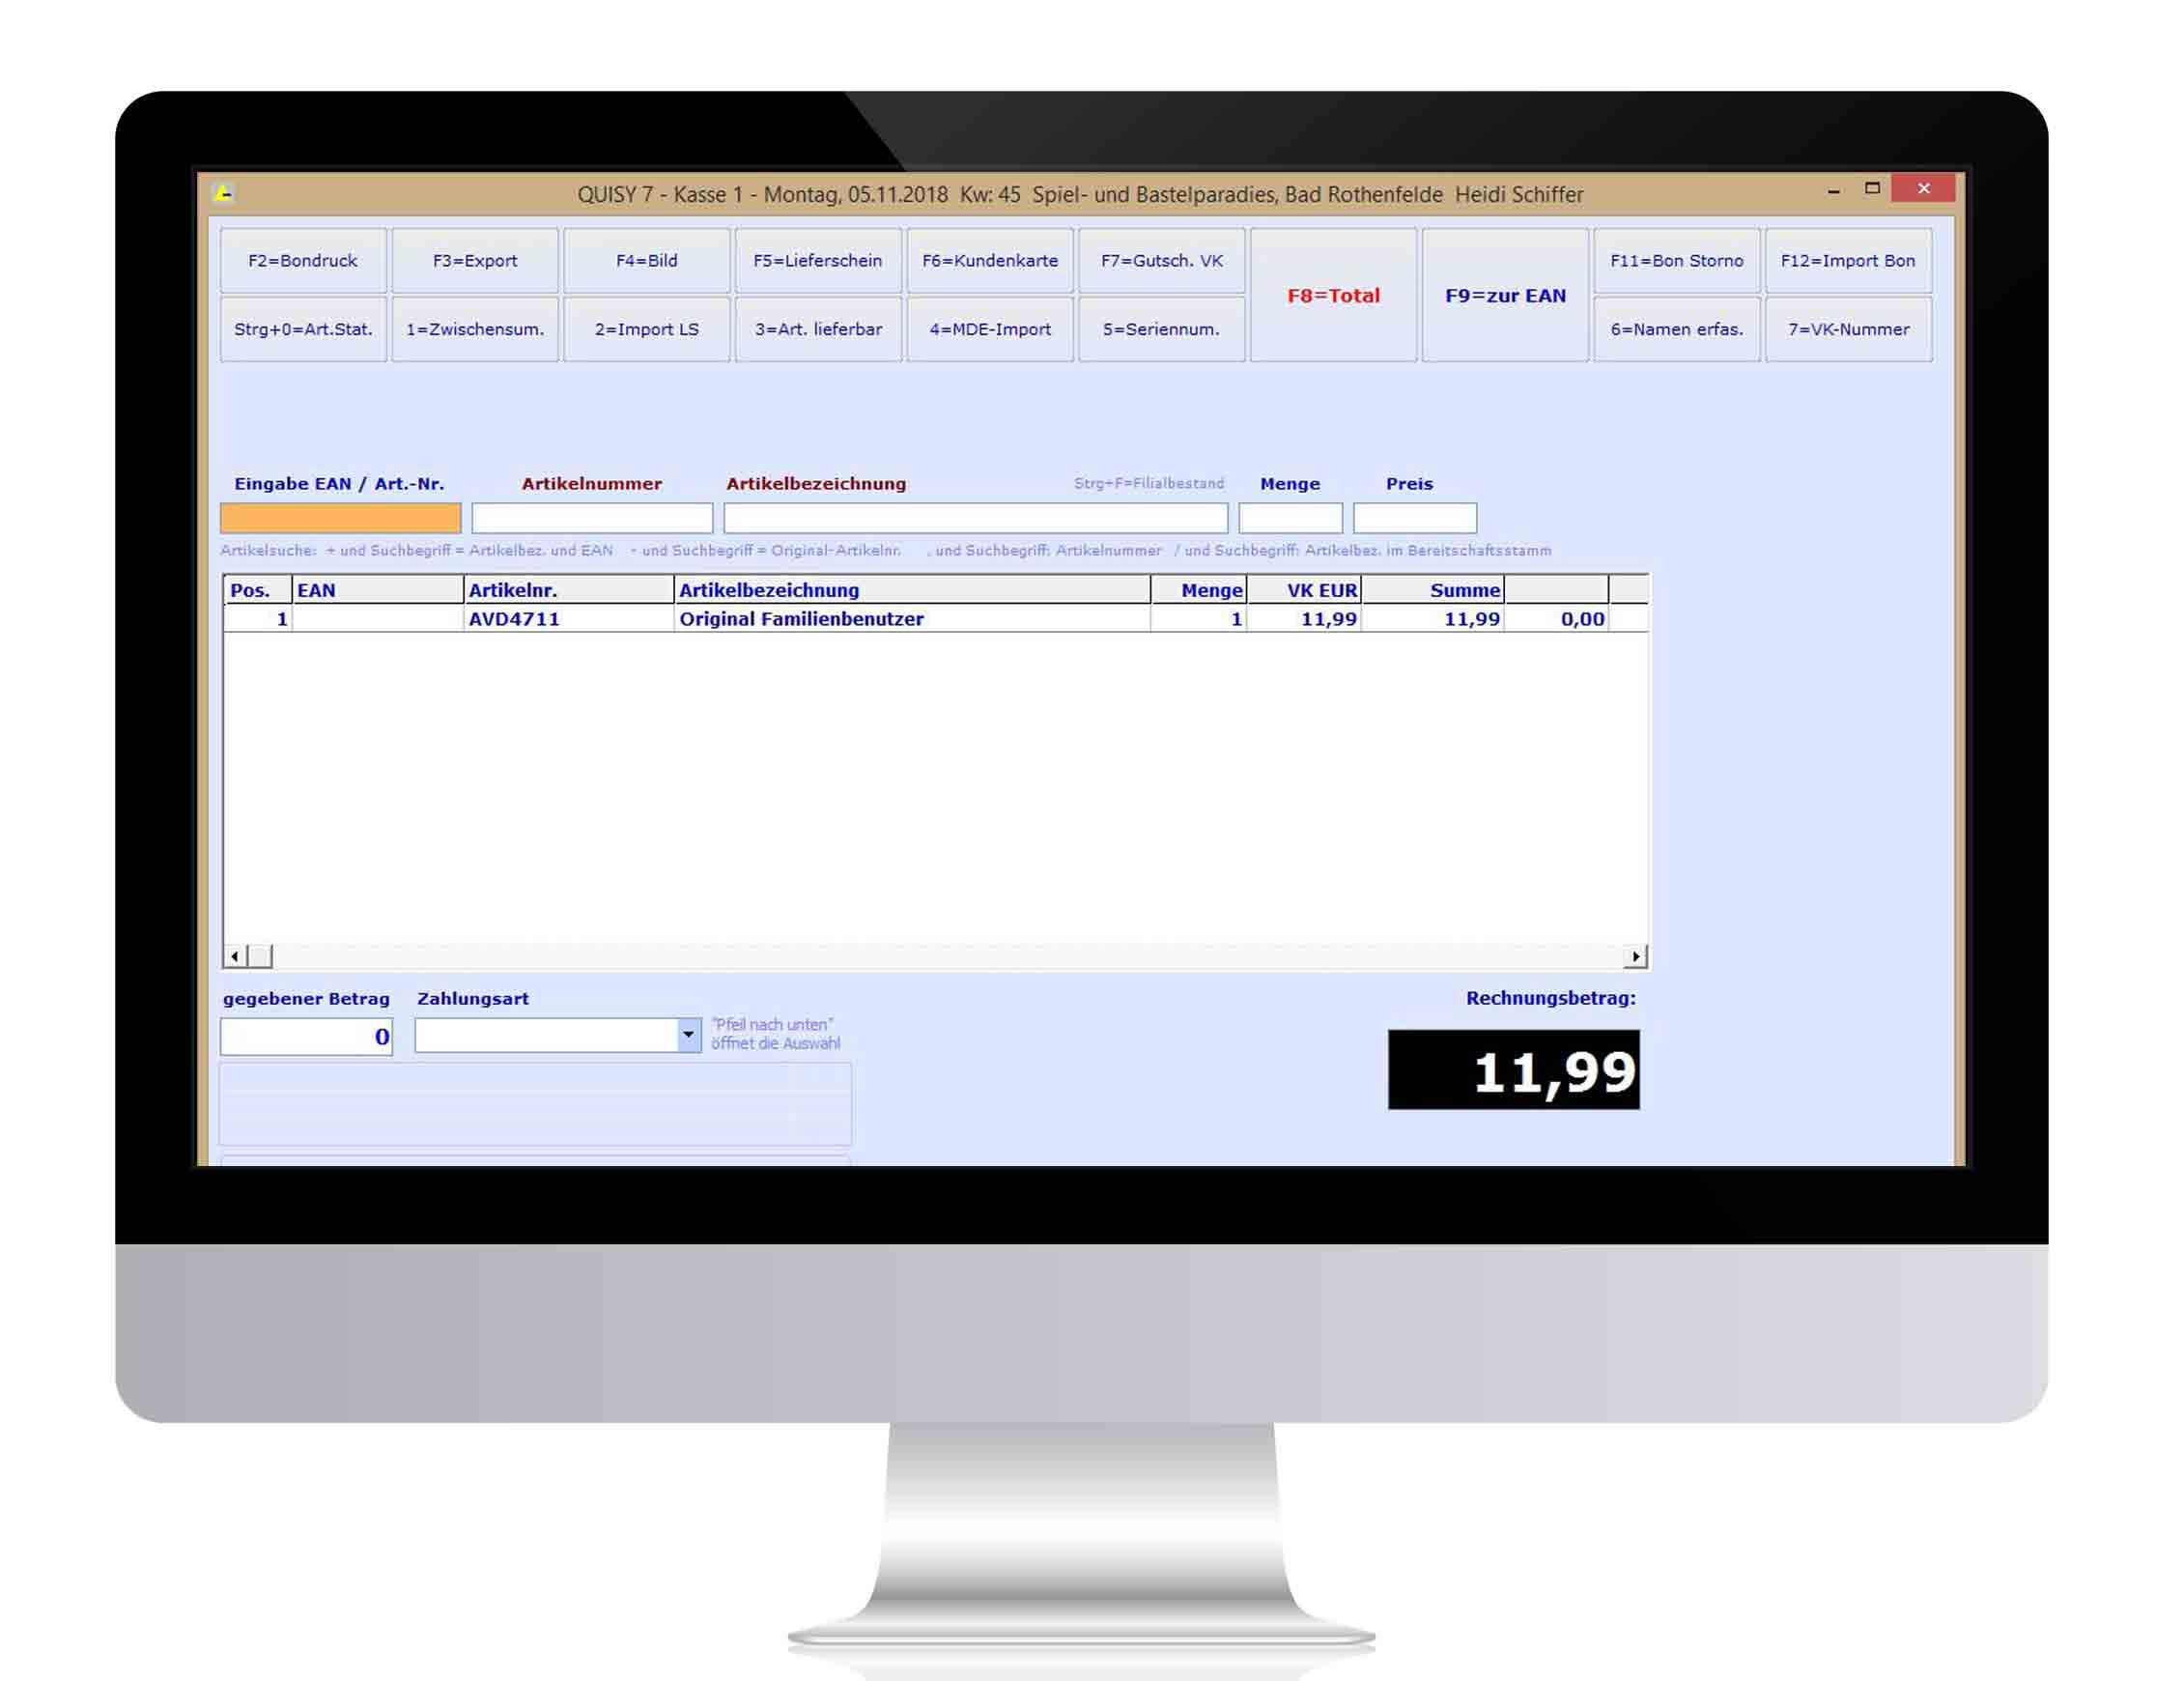 Kassenmodul QUISY 7 - Warenwirtschaft & Kassensystem für Spielwaren, PBS (Papier, Bürobedarf und Schreibwaren) und Bastelbedarf